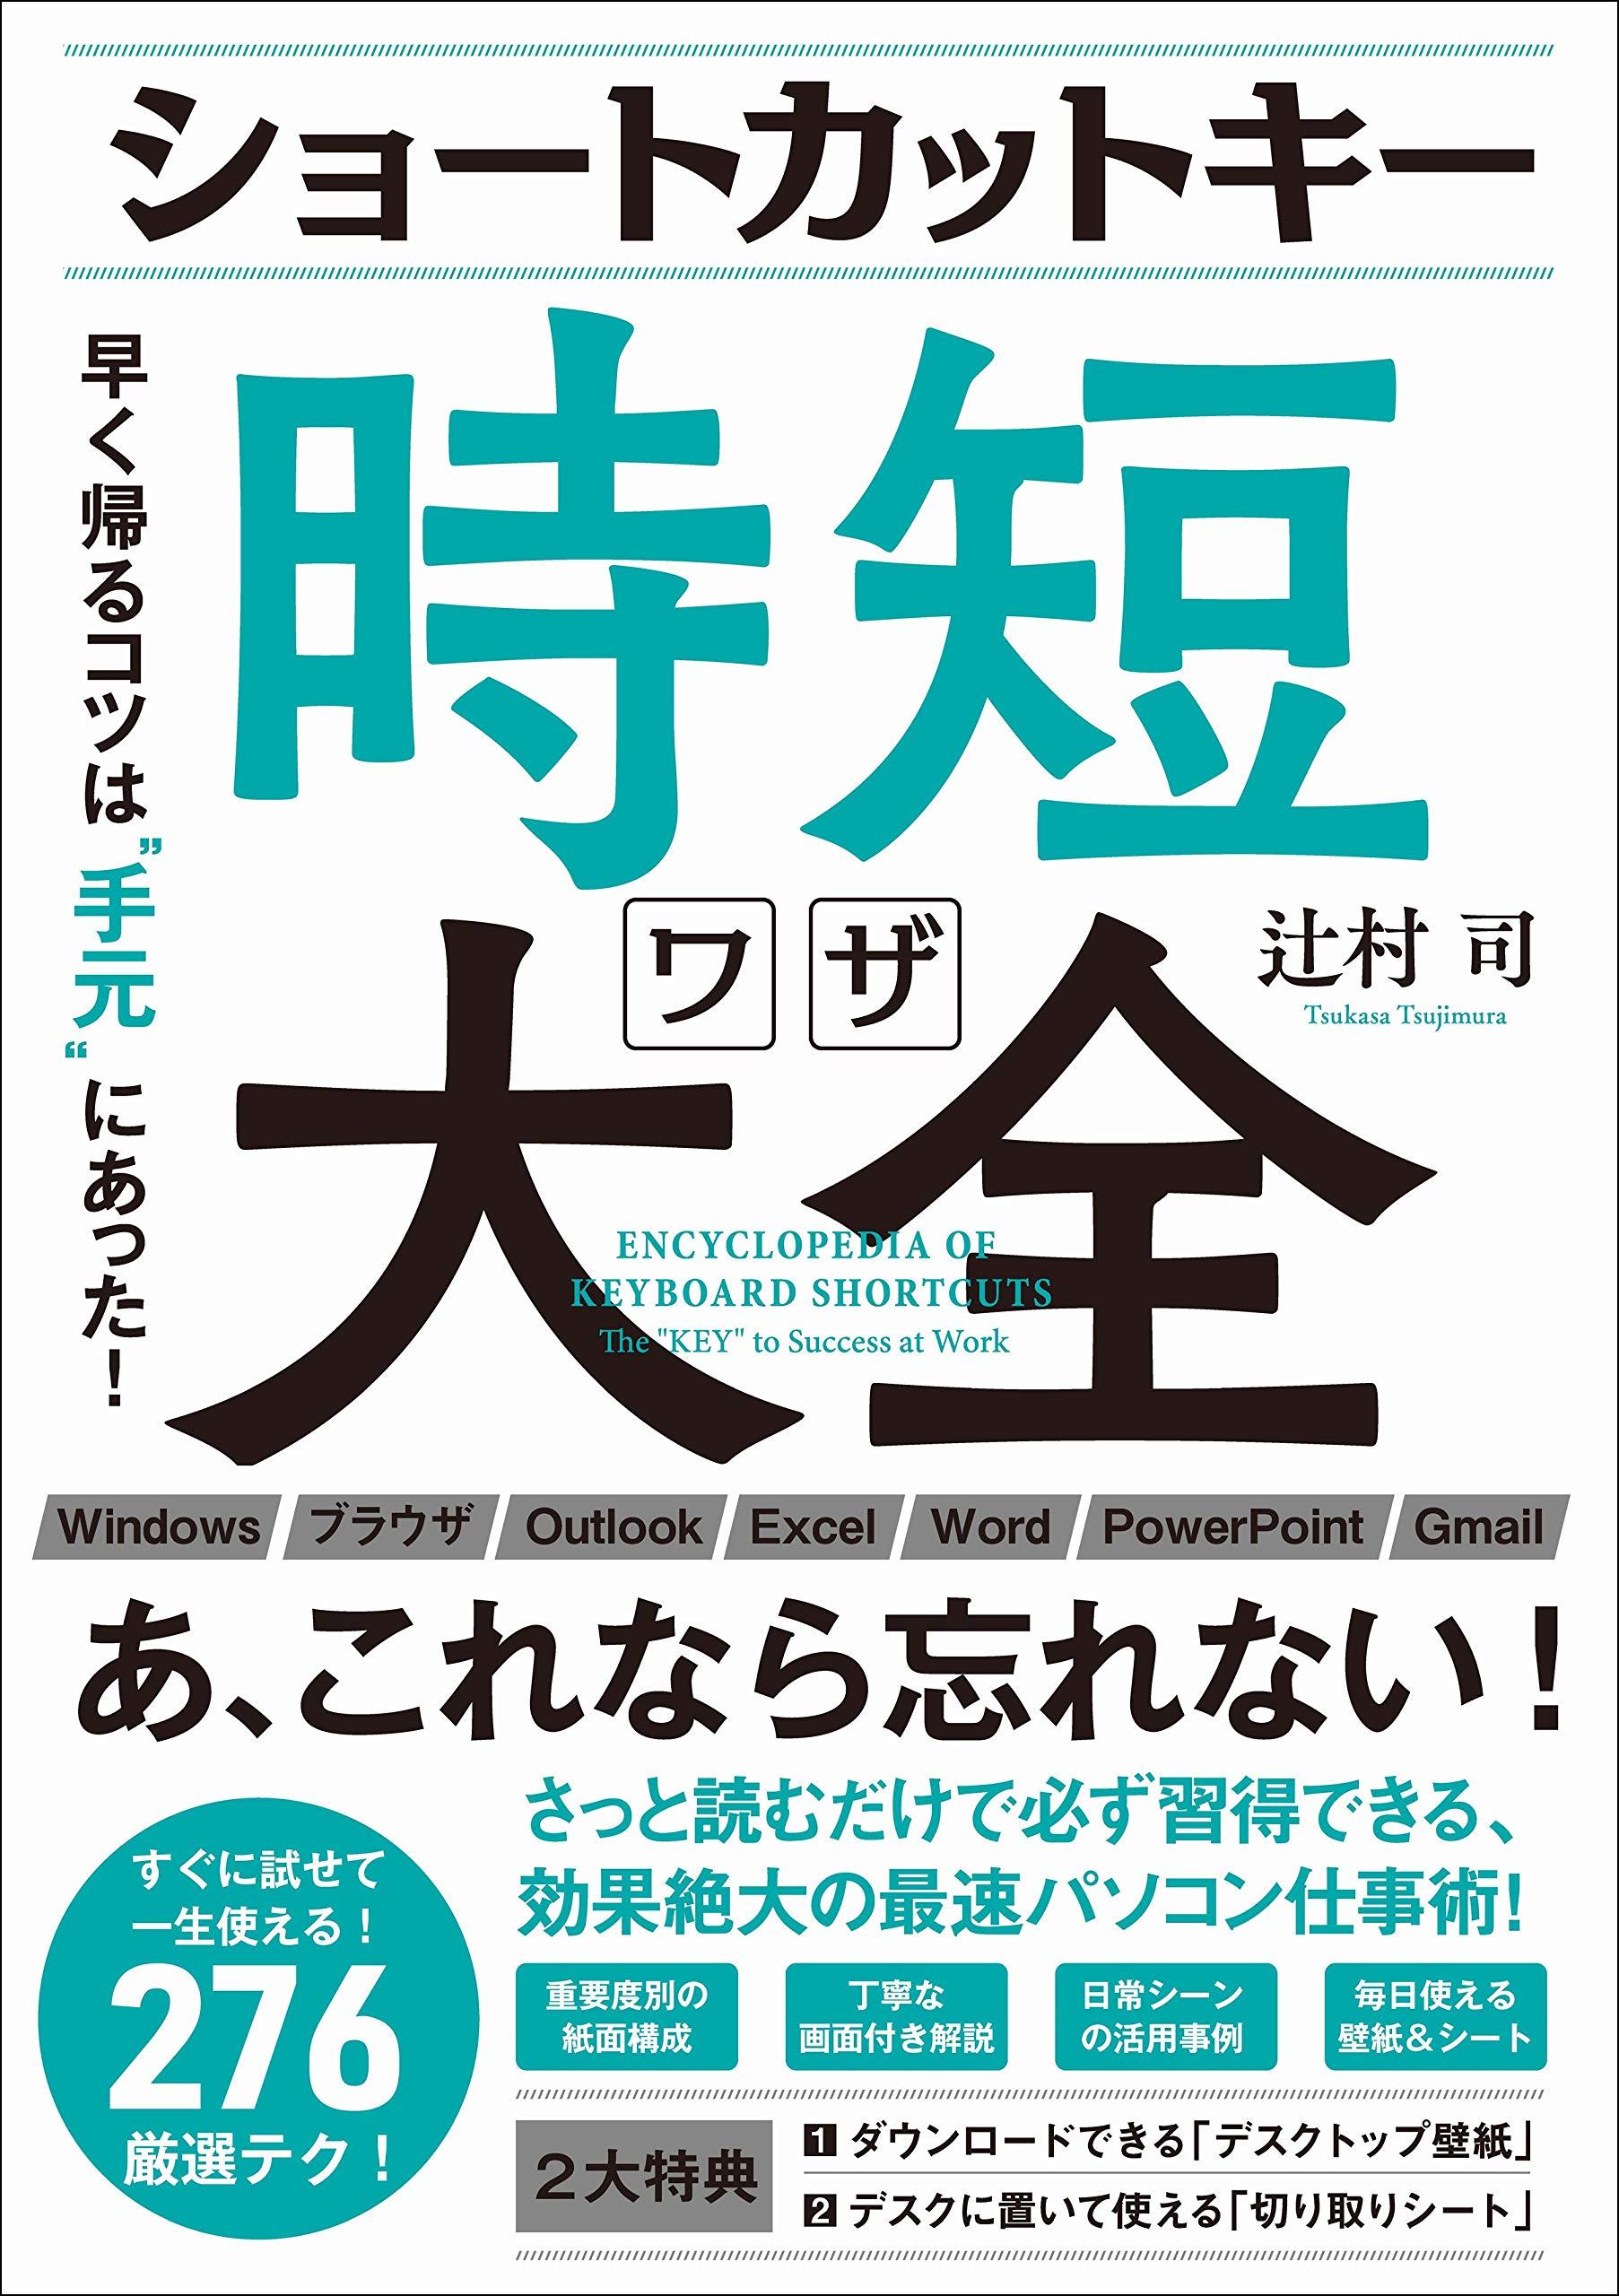 名古屋学院大学 学術情報センター部 ブログ 図書紹介アーカイブ